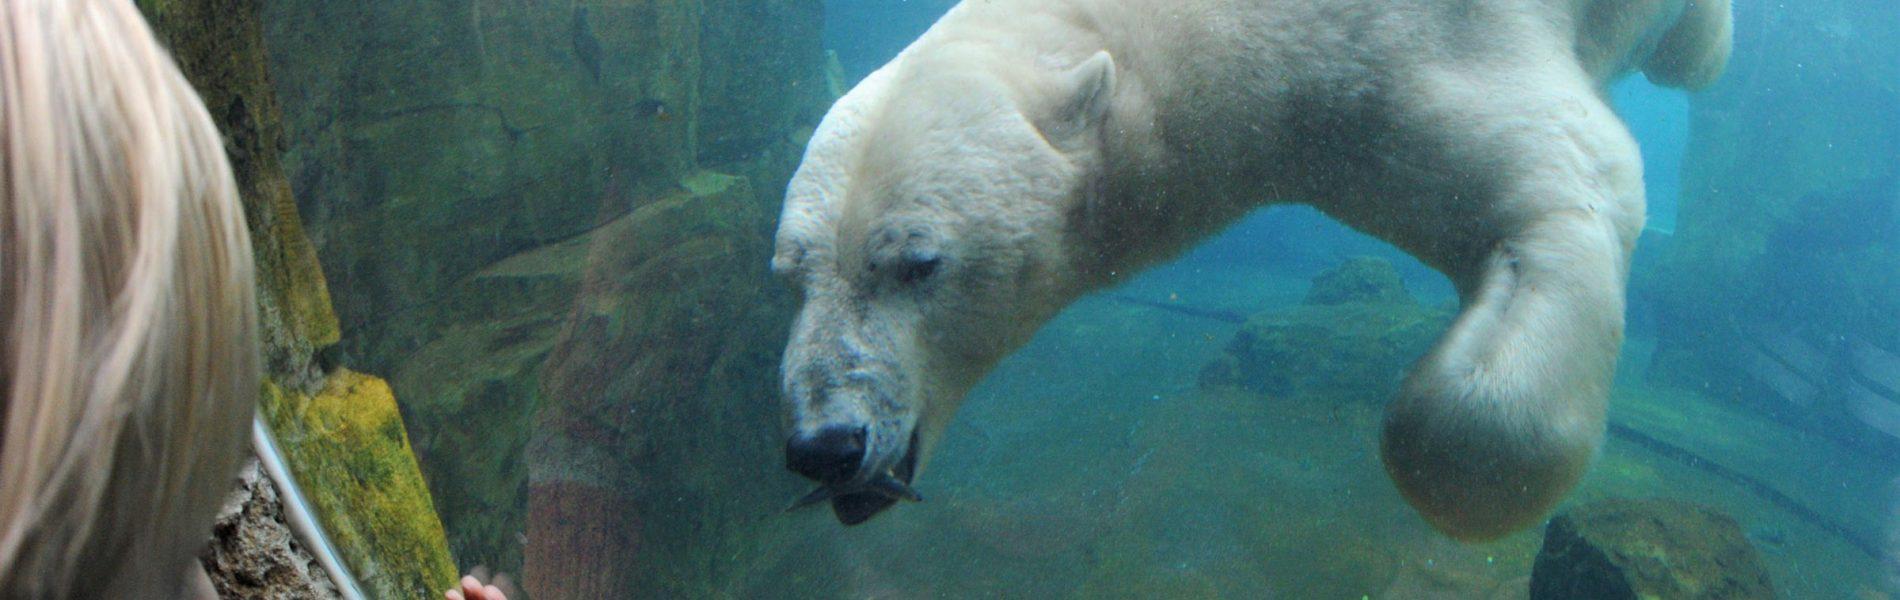 Auf dem Bild sieht man einen Eisbär im Wasser schwimmen. Ein Kind berührt die Glasscheibe, hinter der der Eisbär sich befindet.